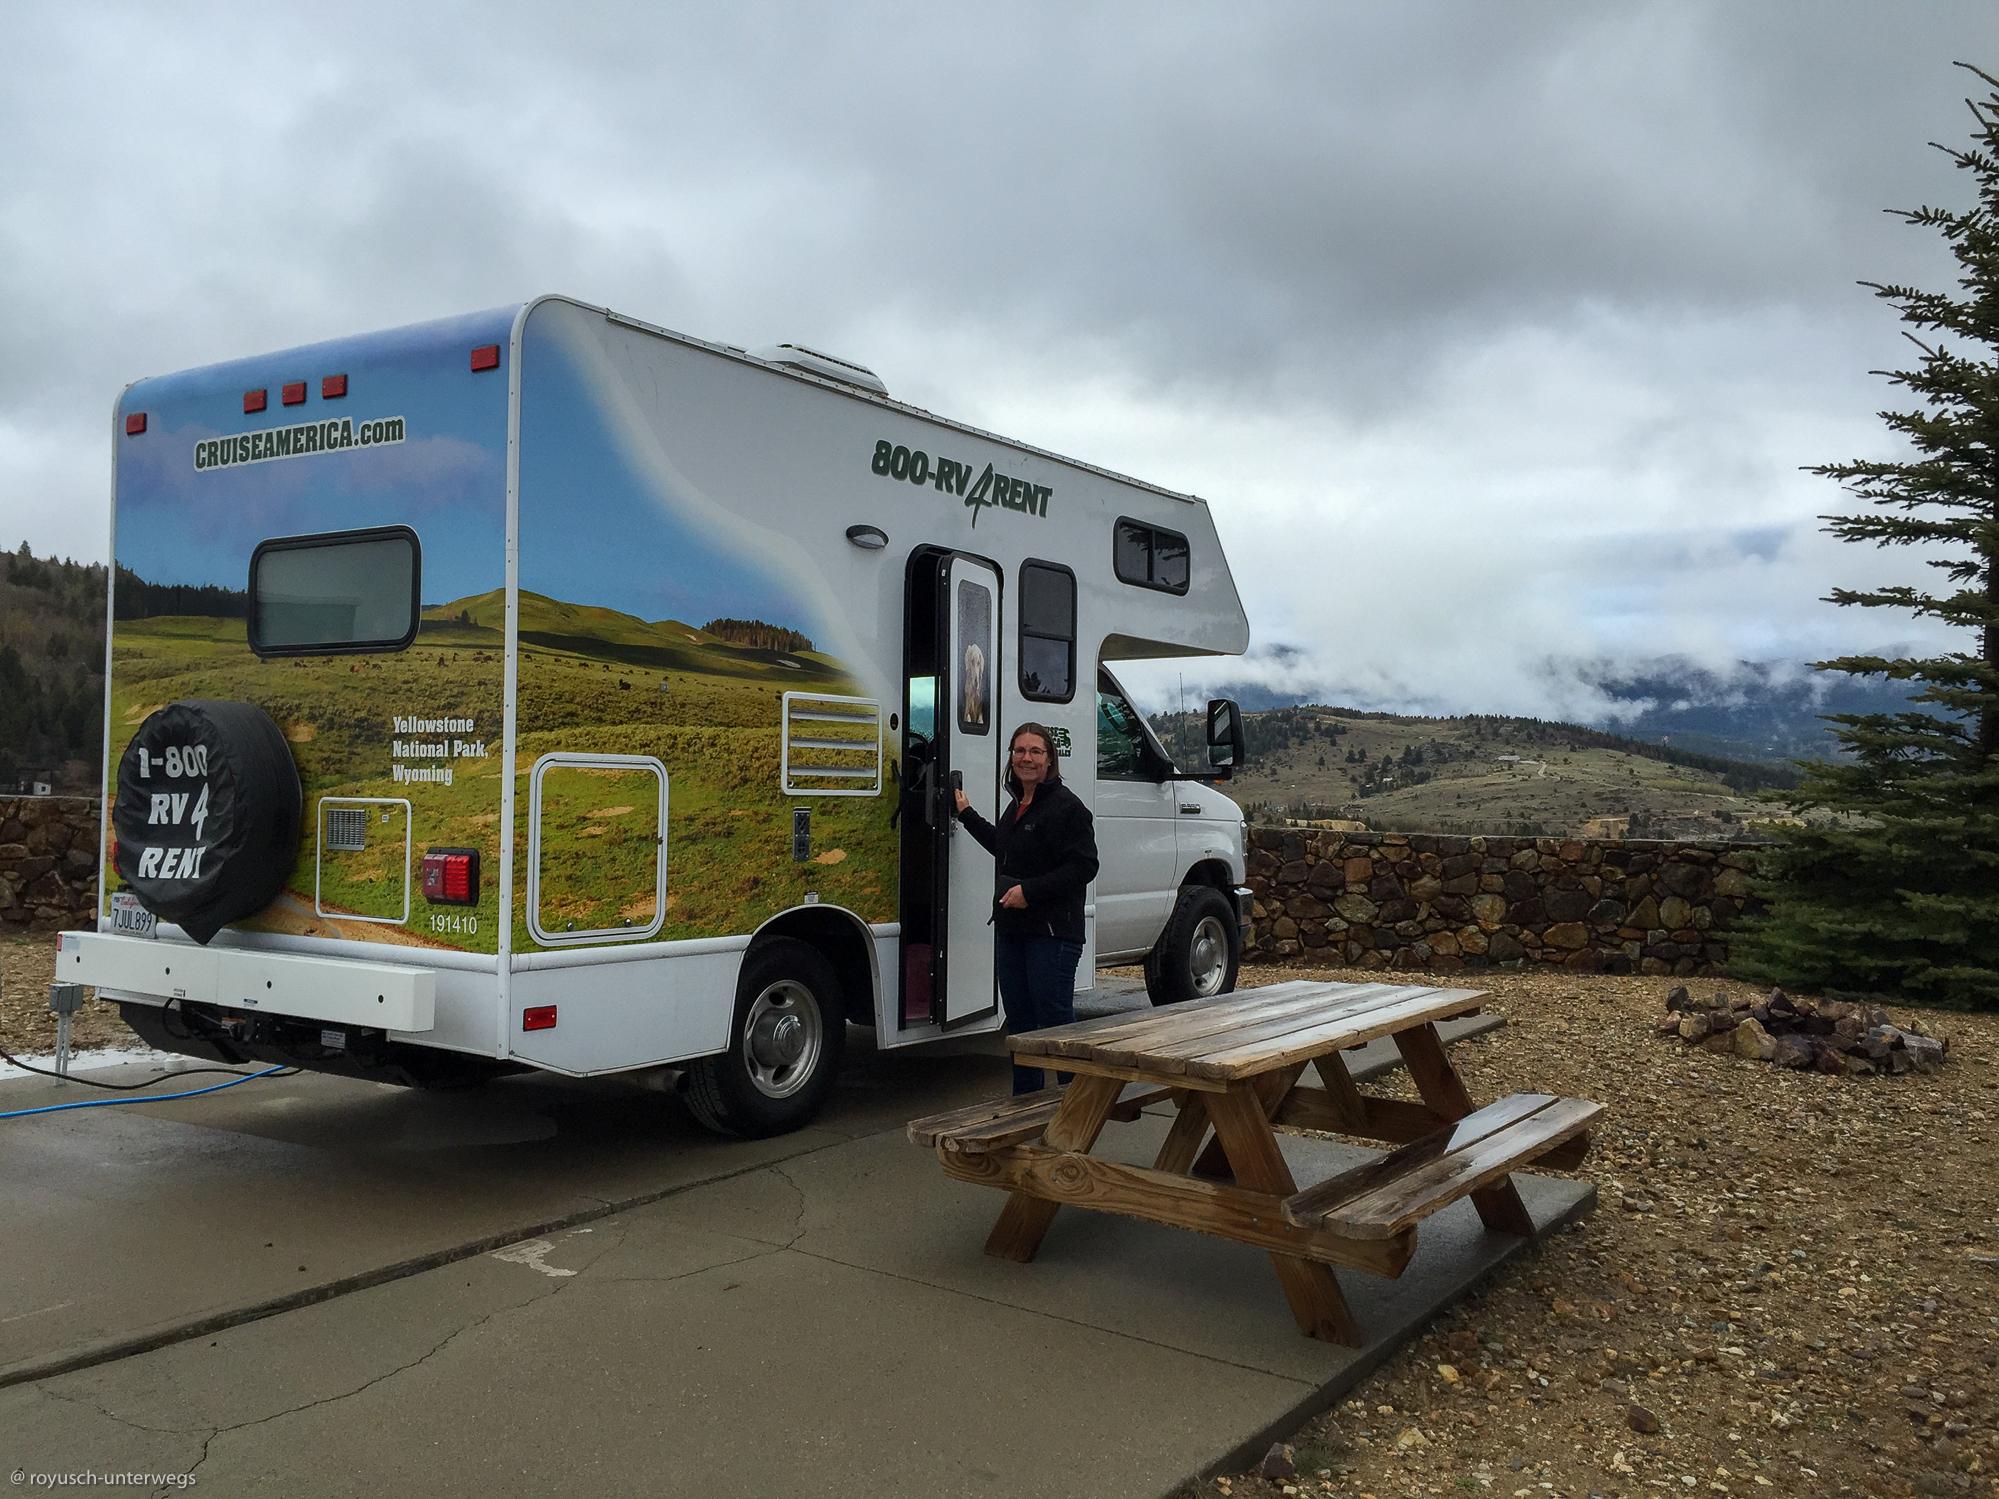 Erfahrungen mit einem Wohnmobil im Südwesten der USA (10) – ROYUSCH